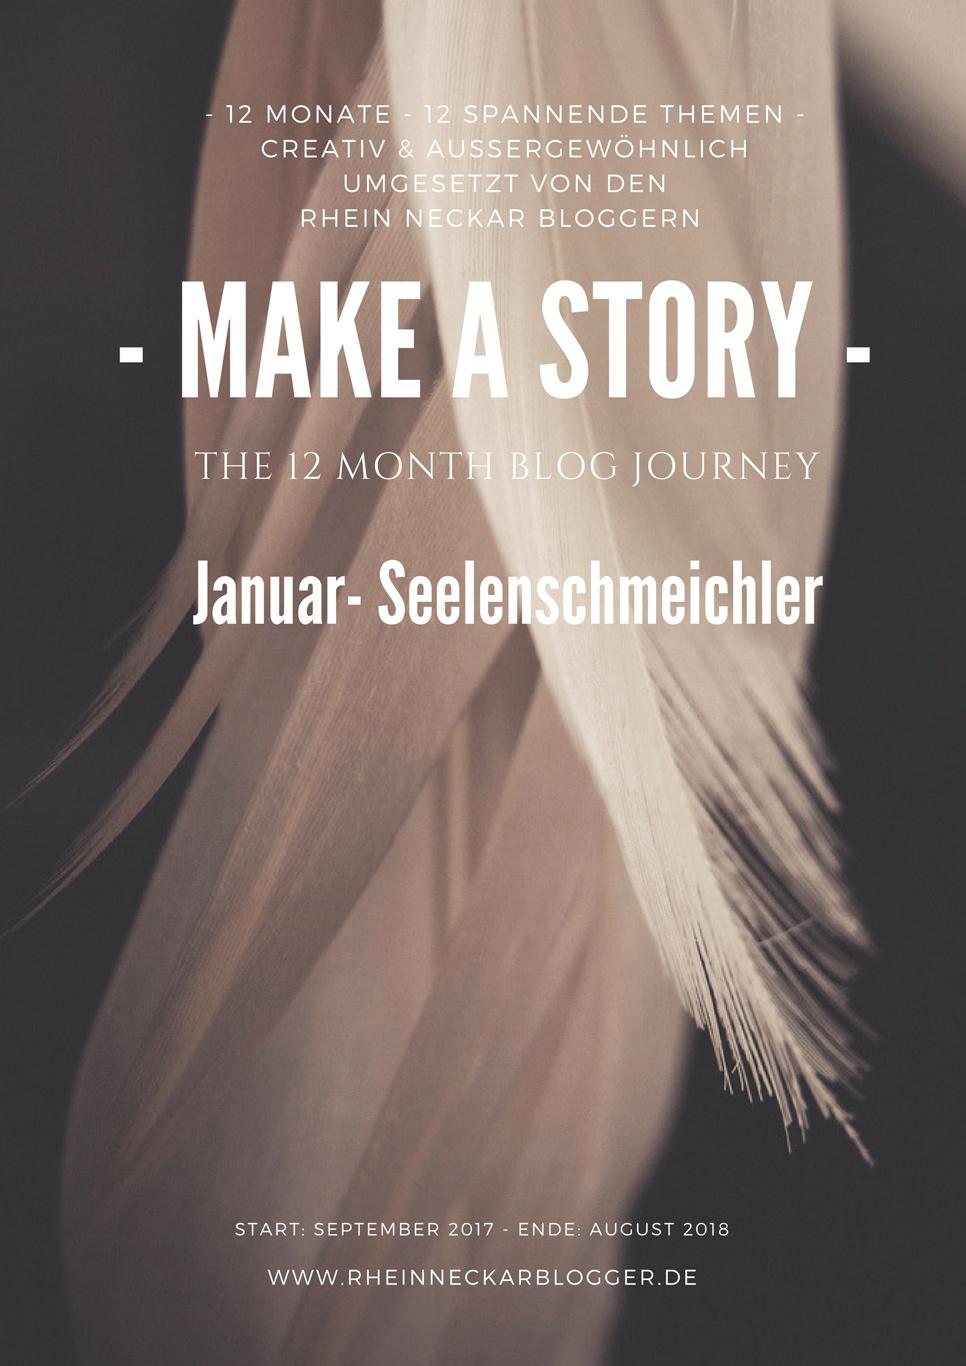 Make a story: Das Jahresevent der Rhein-Neckar-Blogger. Seelenschmeichler